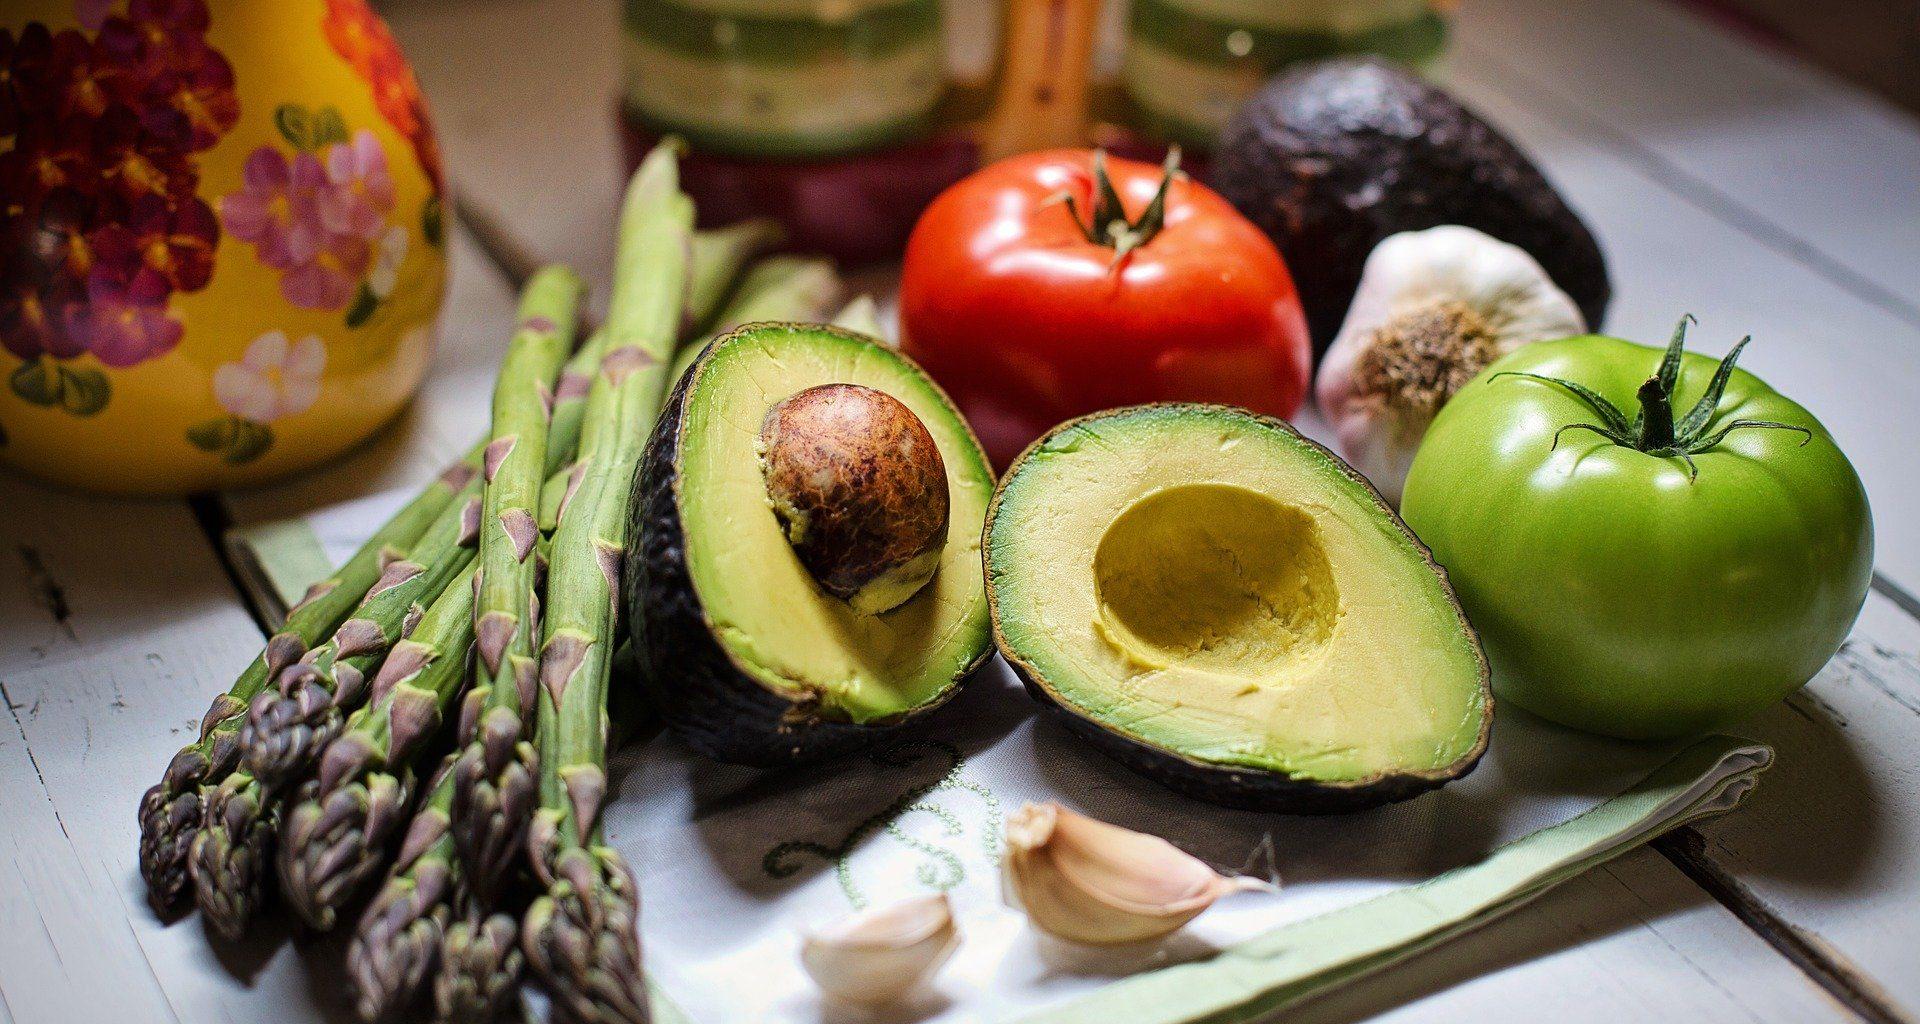 vegan statistics - featured image